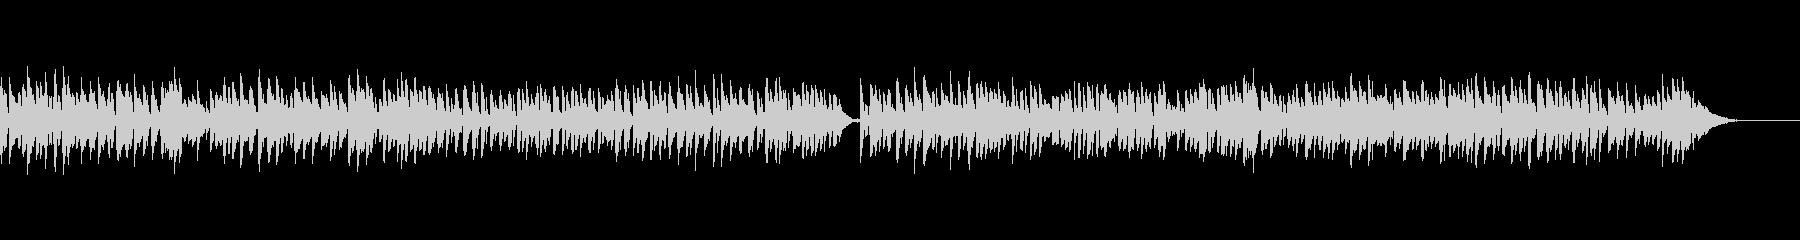 ゴルトベルク変奏曲(第1変奏曲)の未再生の波形